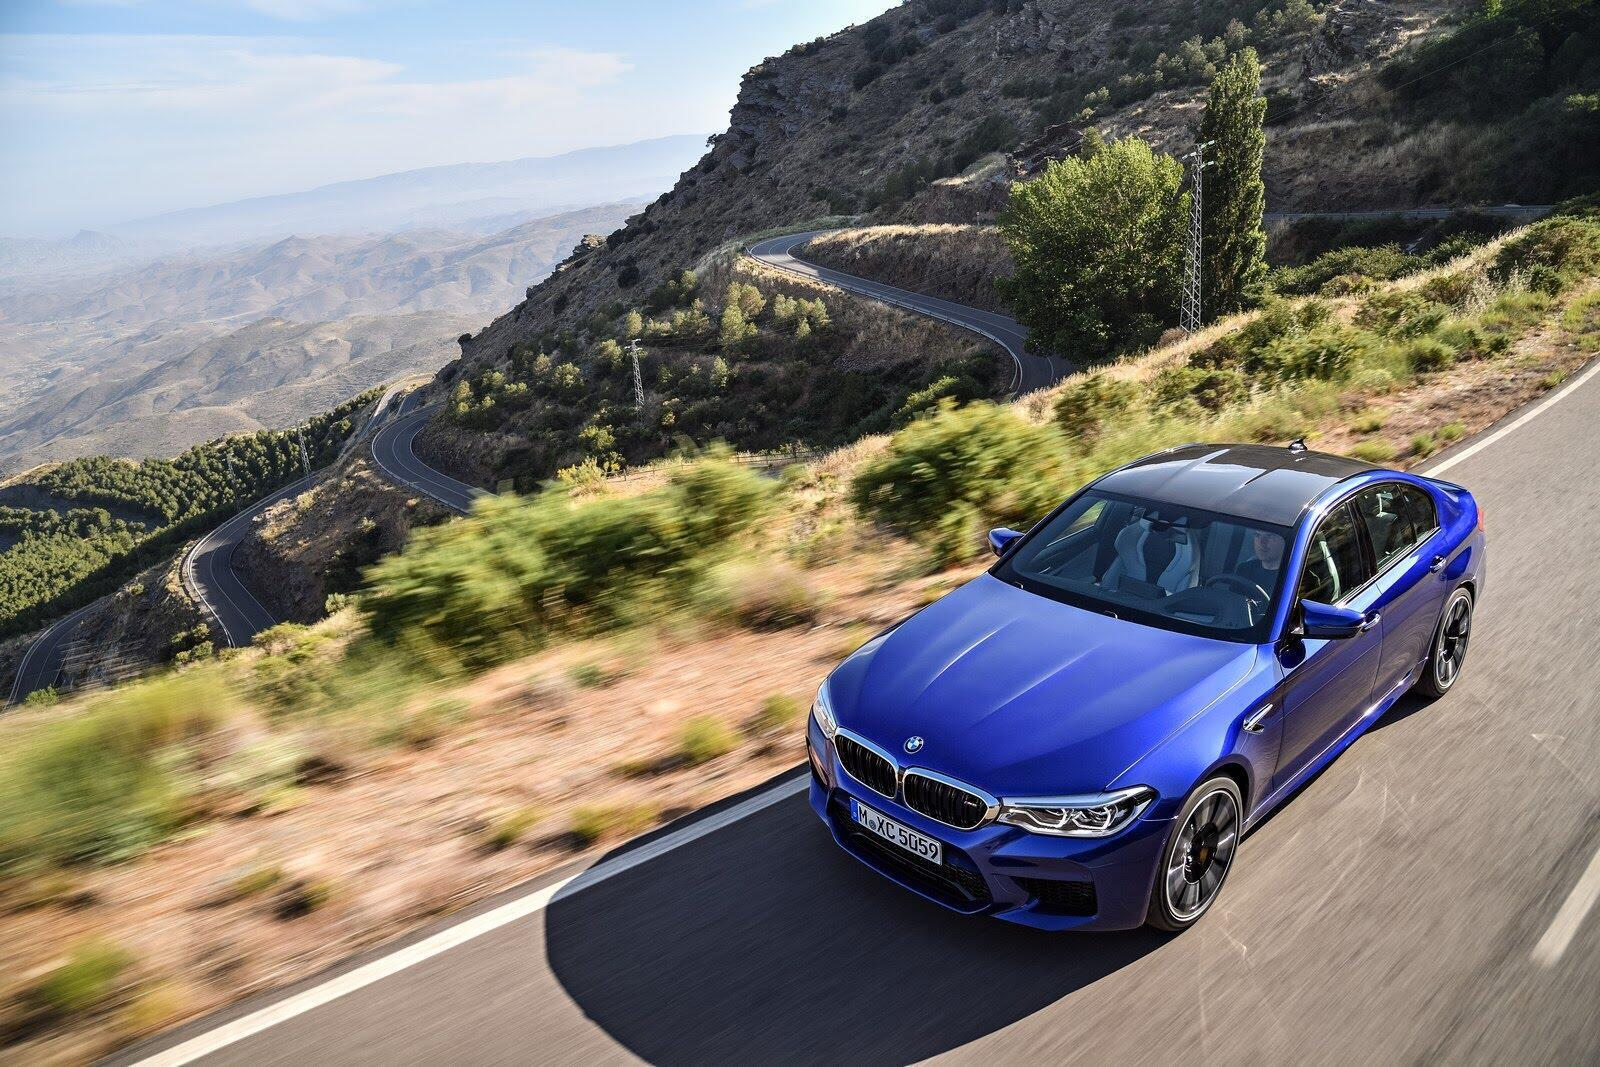 BMW M5 2018 chính thức trình làng với 600 mã lực - Hình 4